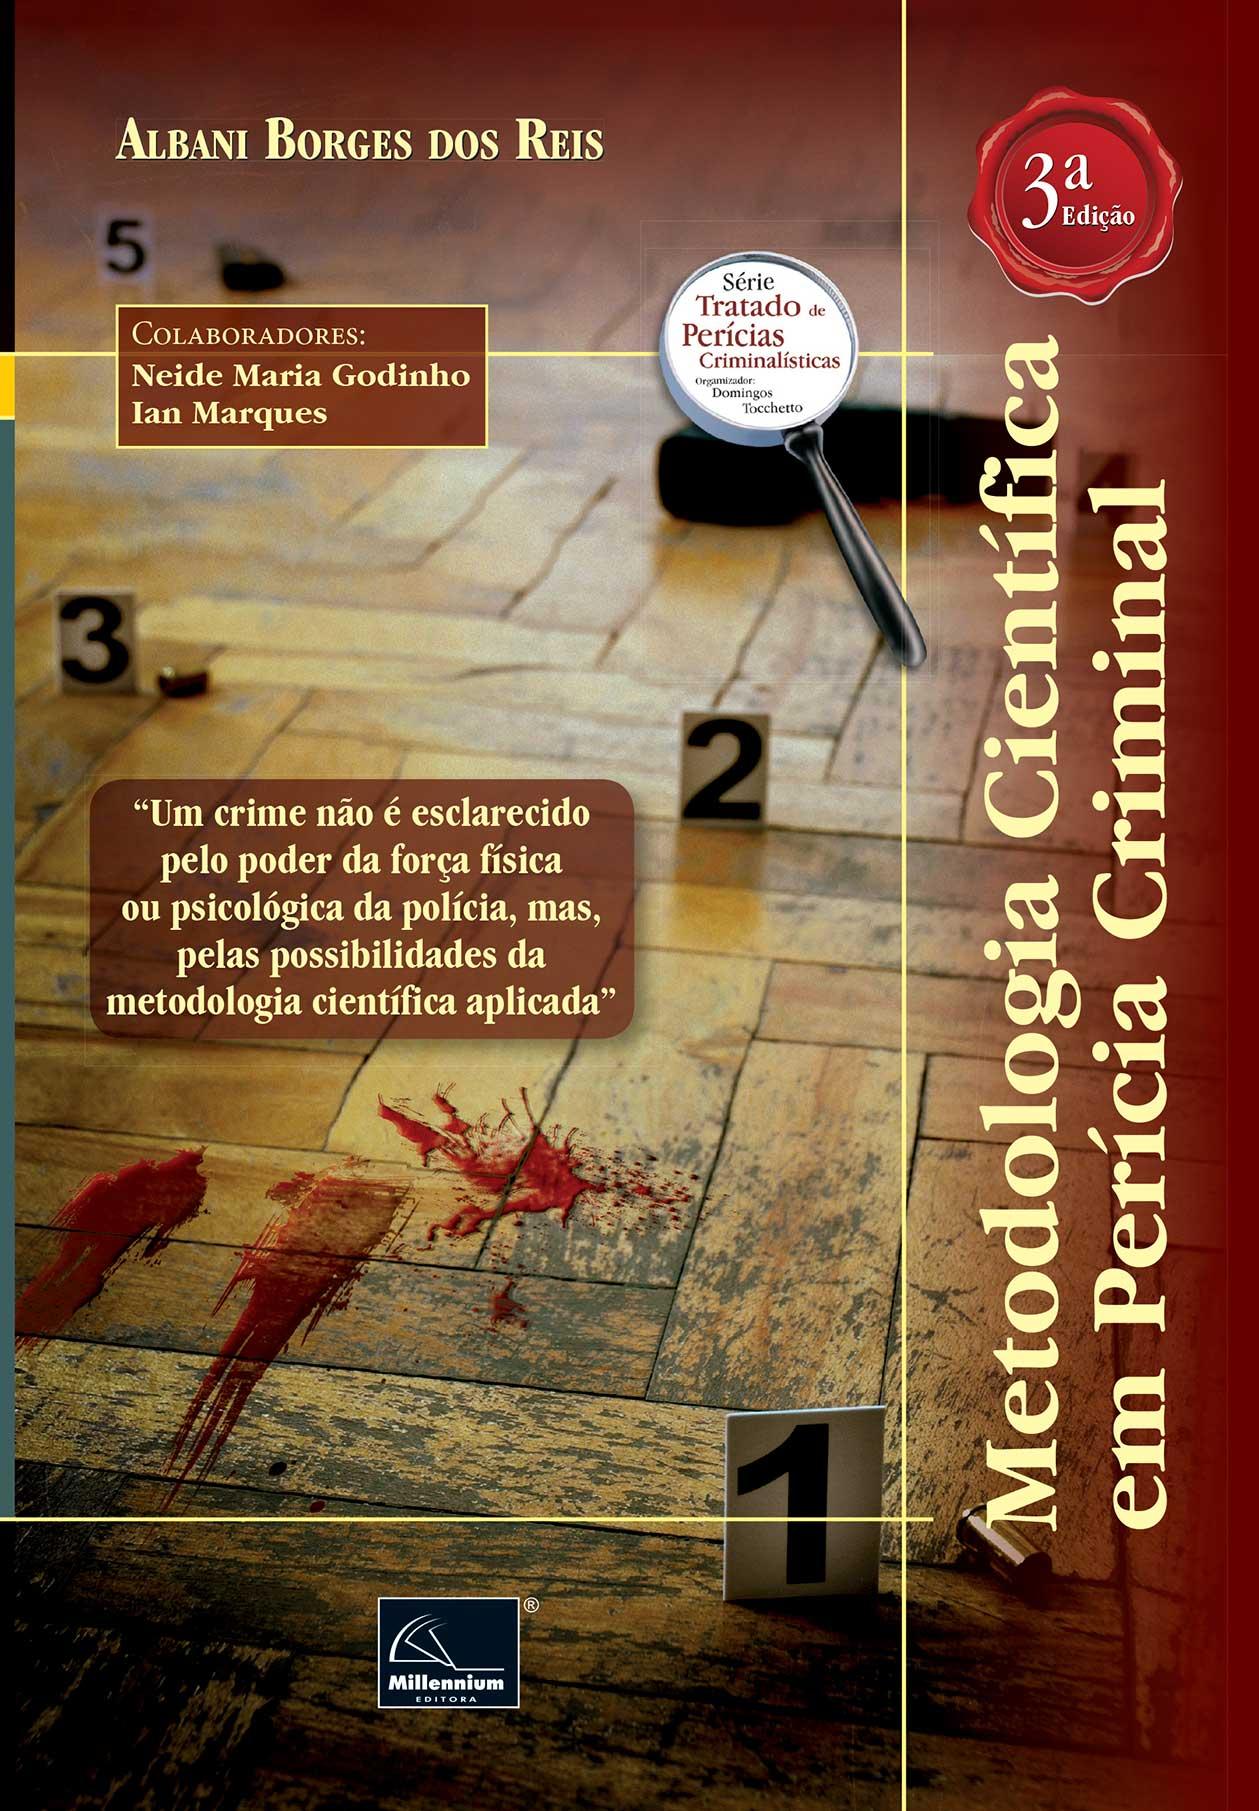 Metodologia Científica em Perícia Criminal 3ª Edição <b>Autor: Albani Borges dos Reis</b>  - Millennium Editora - Livros de Perícia